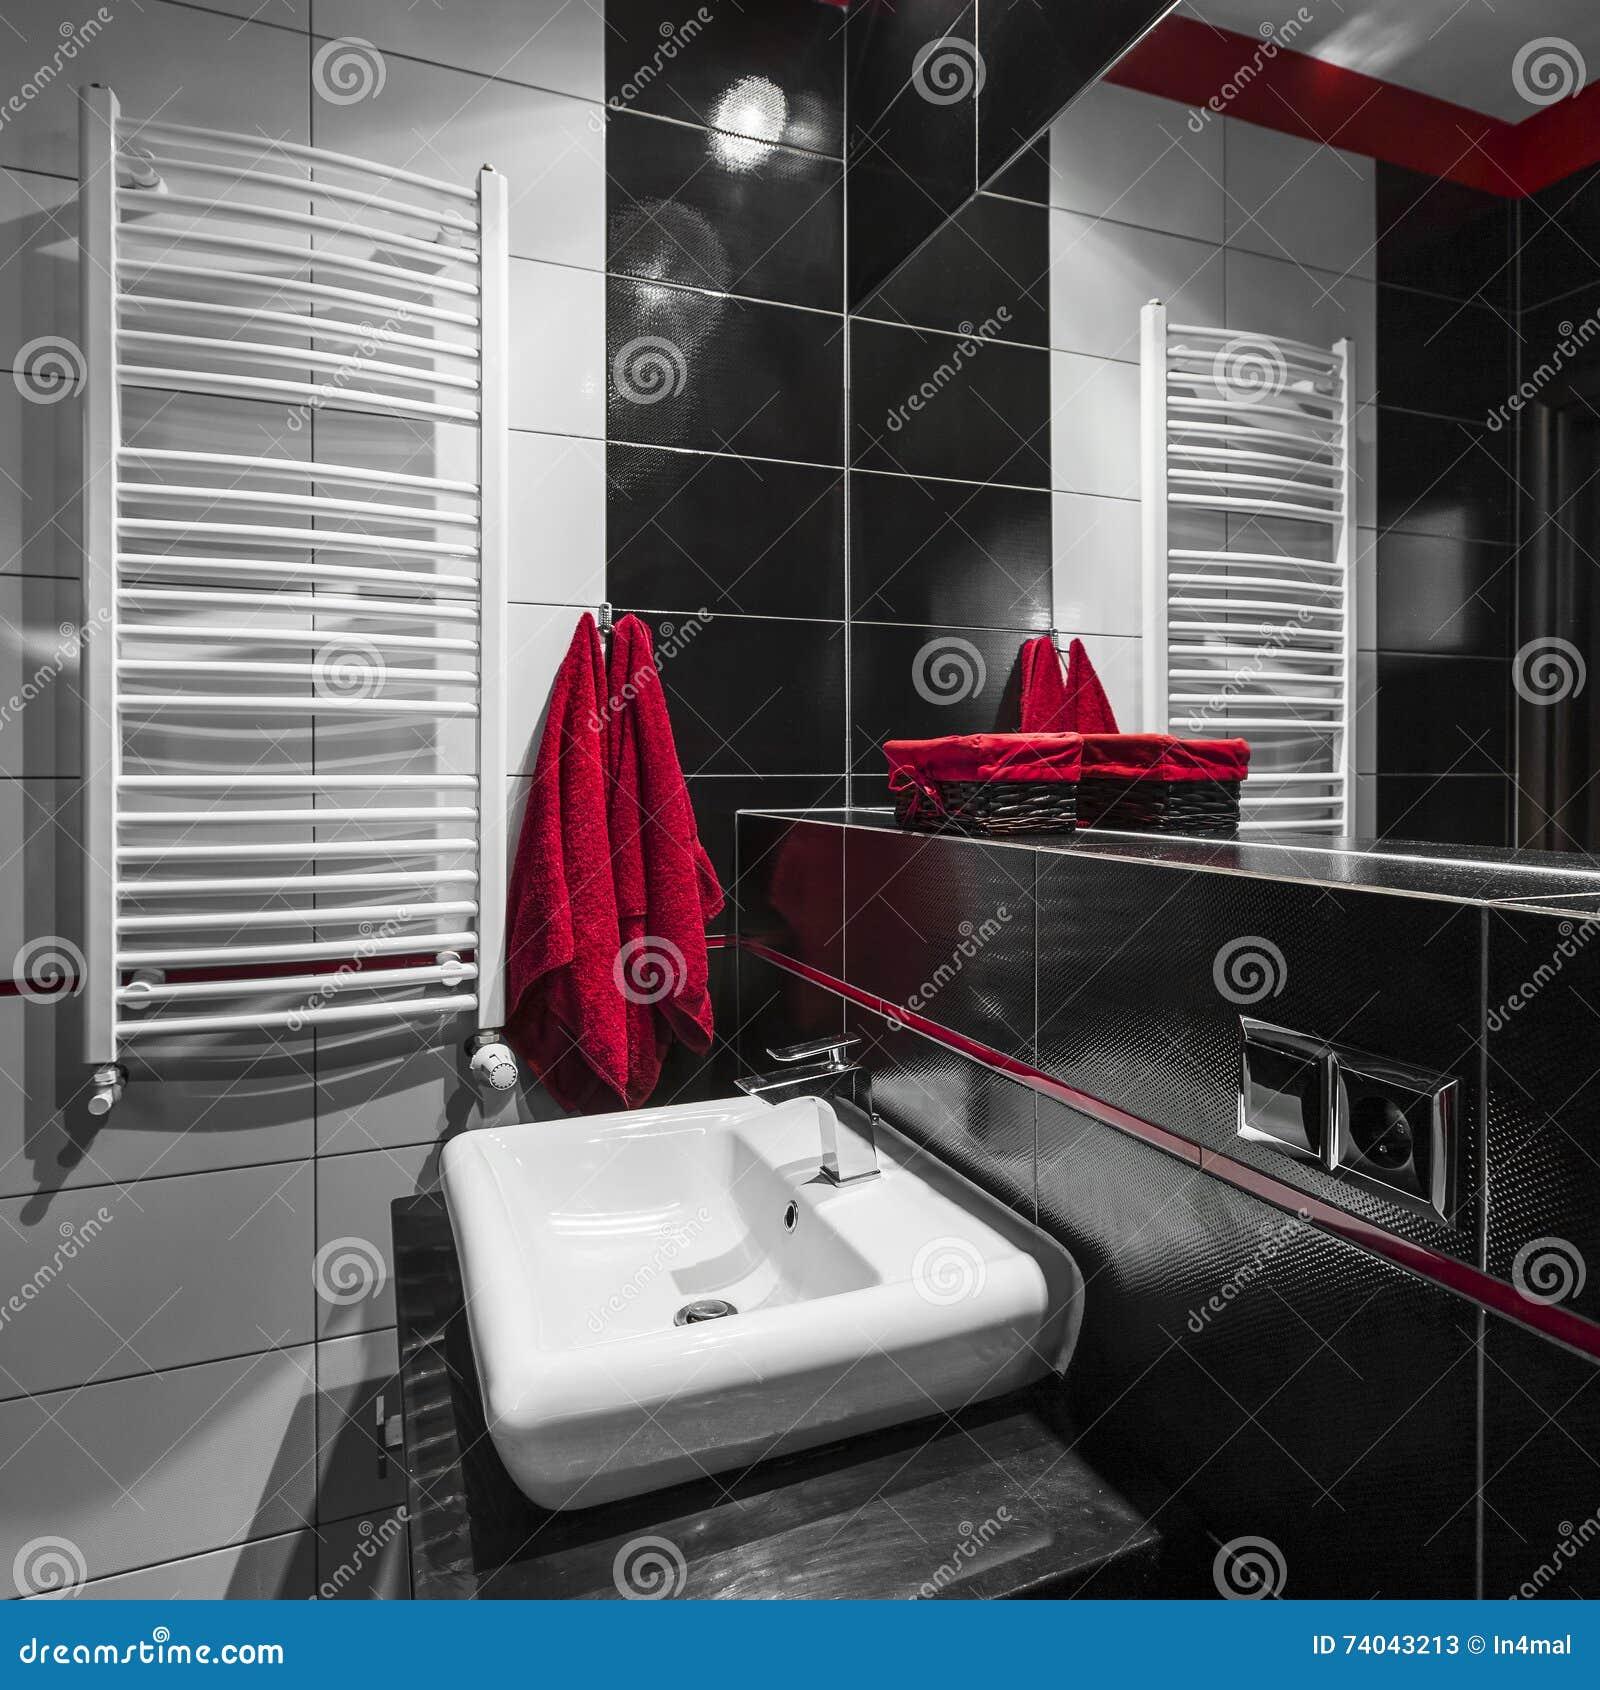 Bagno Moderno Bianco E Nero.Bagno In Bianco E Nero Moderno Immagine Stock Immagine Di